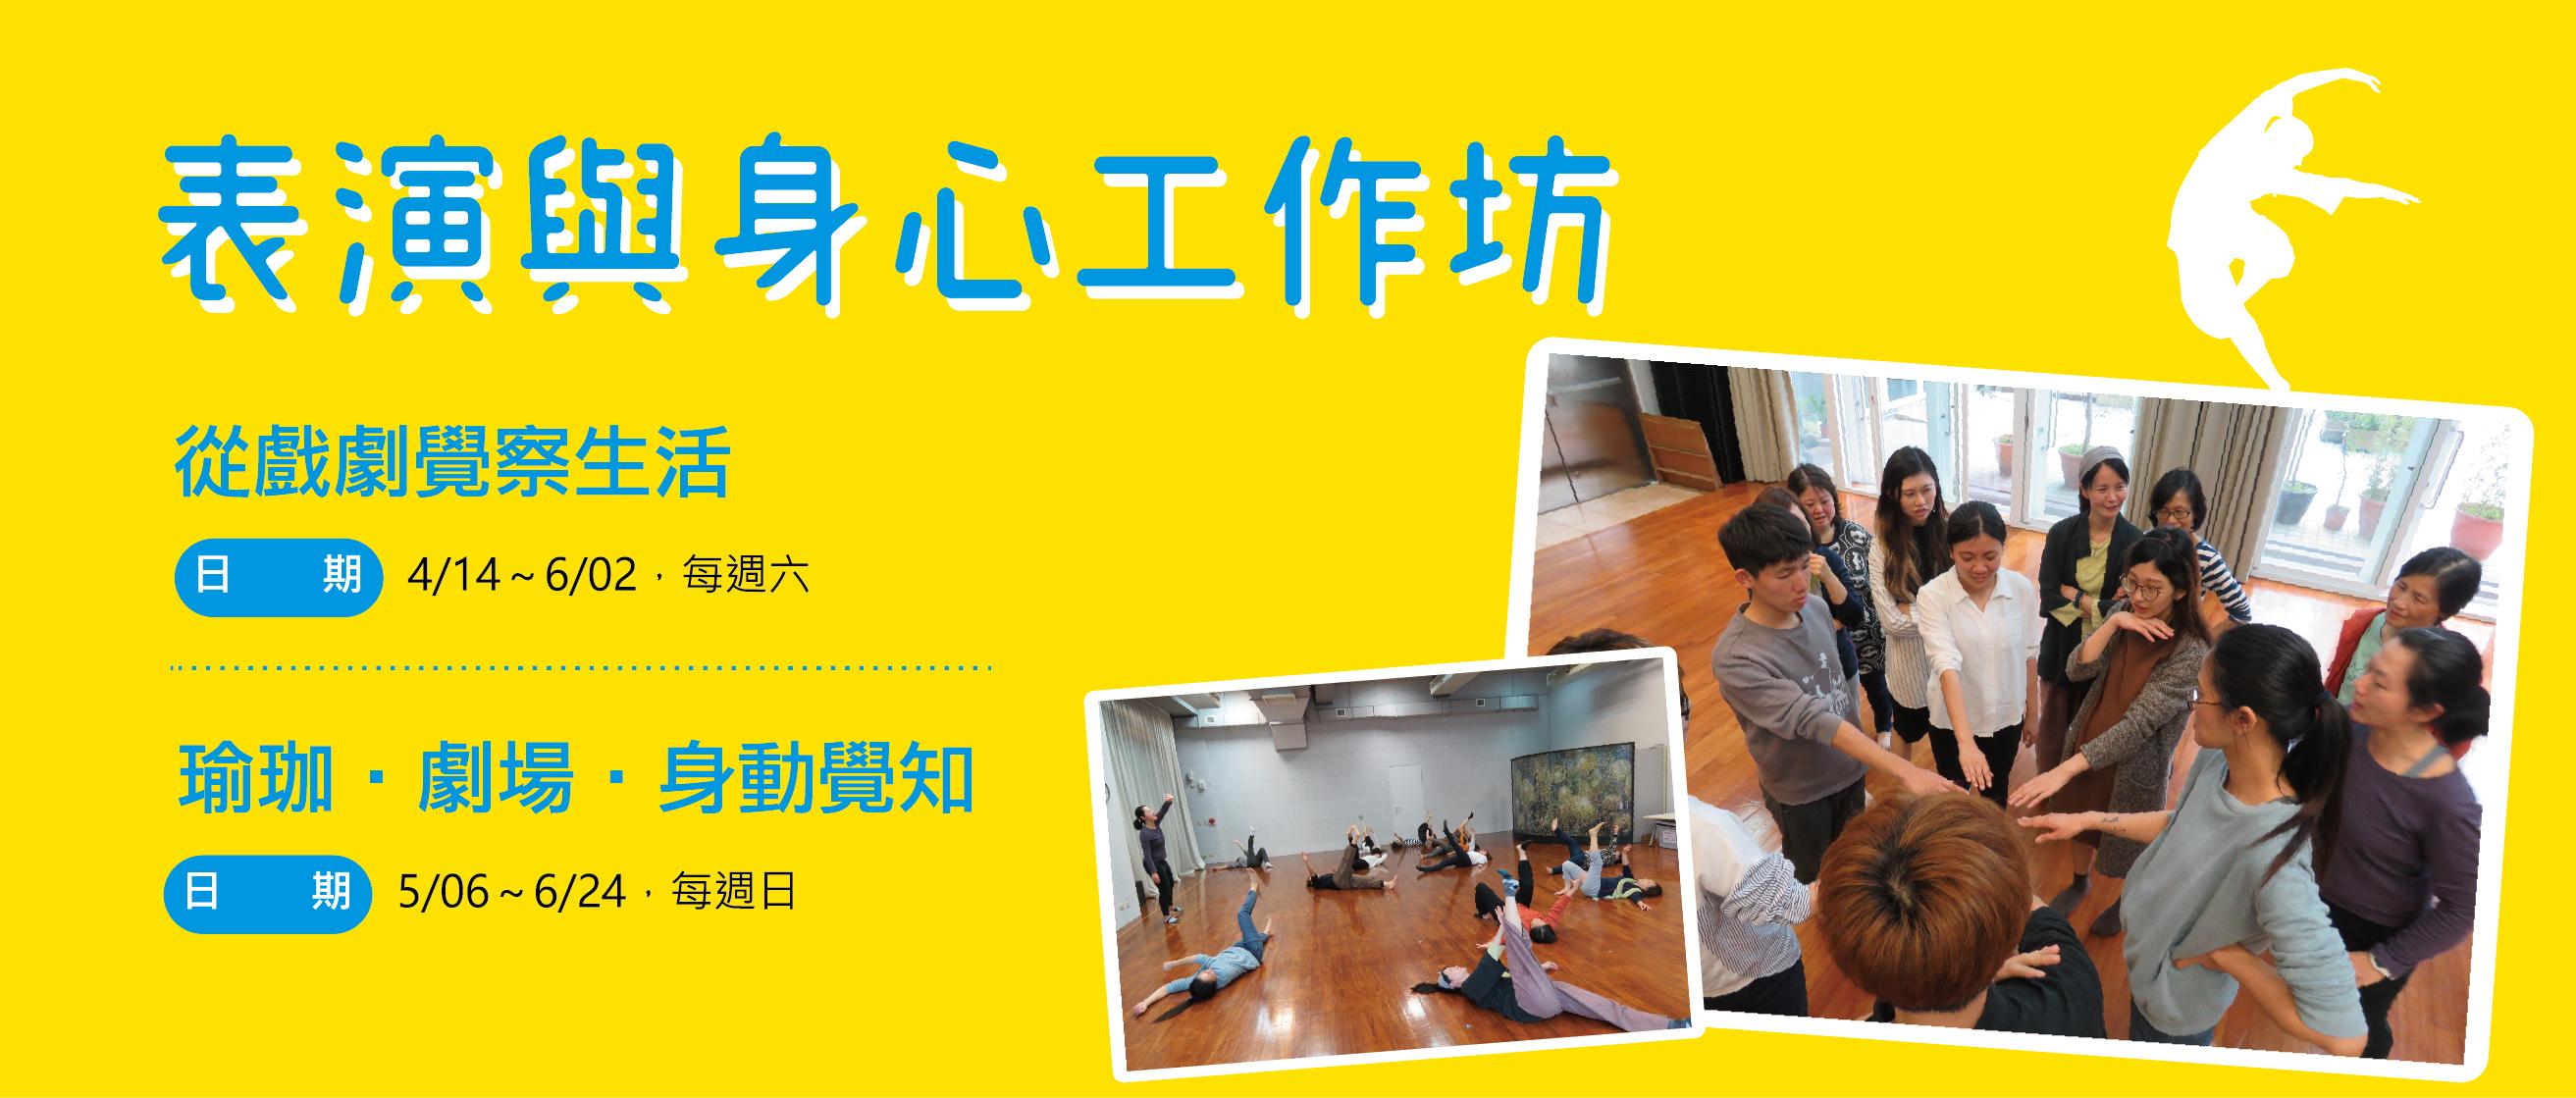 【瑜珈。劇場。身動覺知】表演與身心工作坊 熱烈報名中!!!